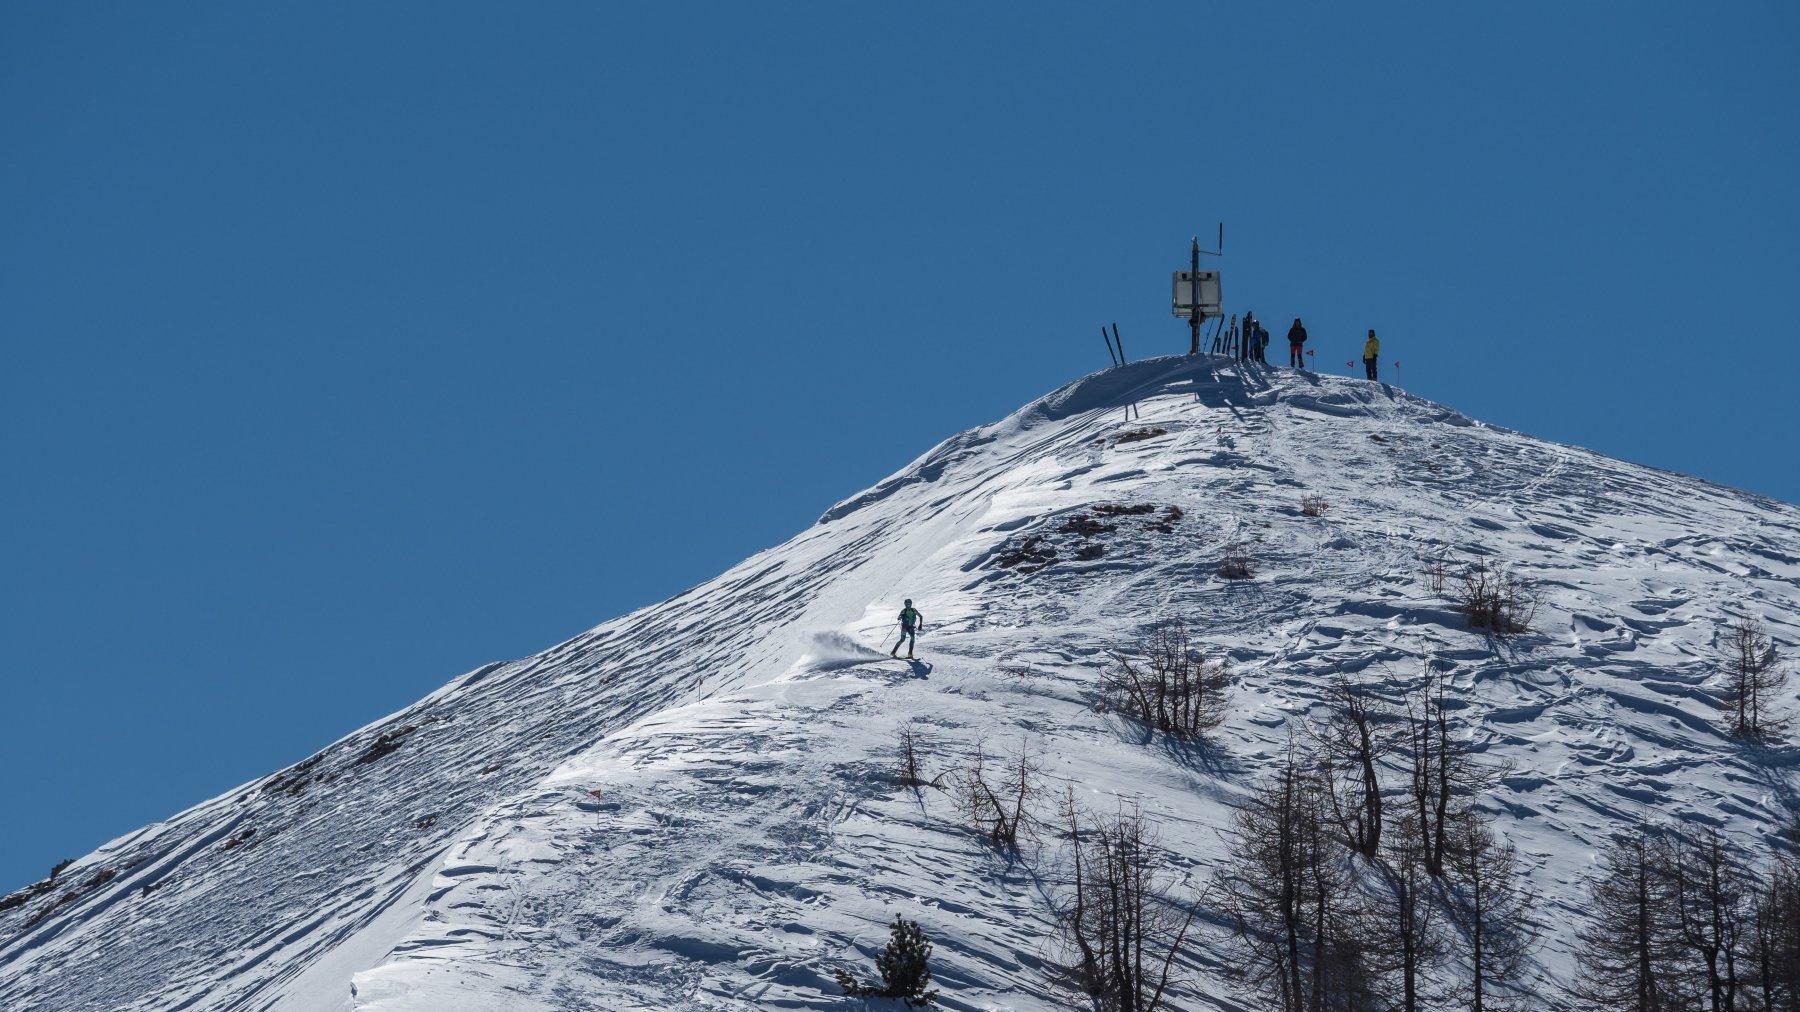 Partendo in Ski dalla vetta...